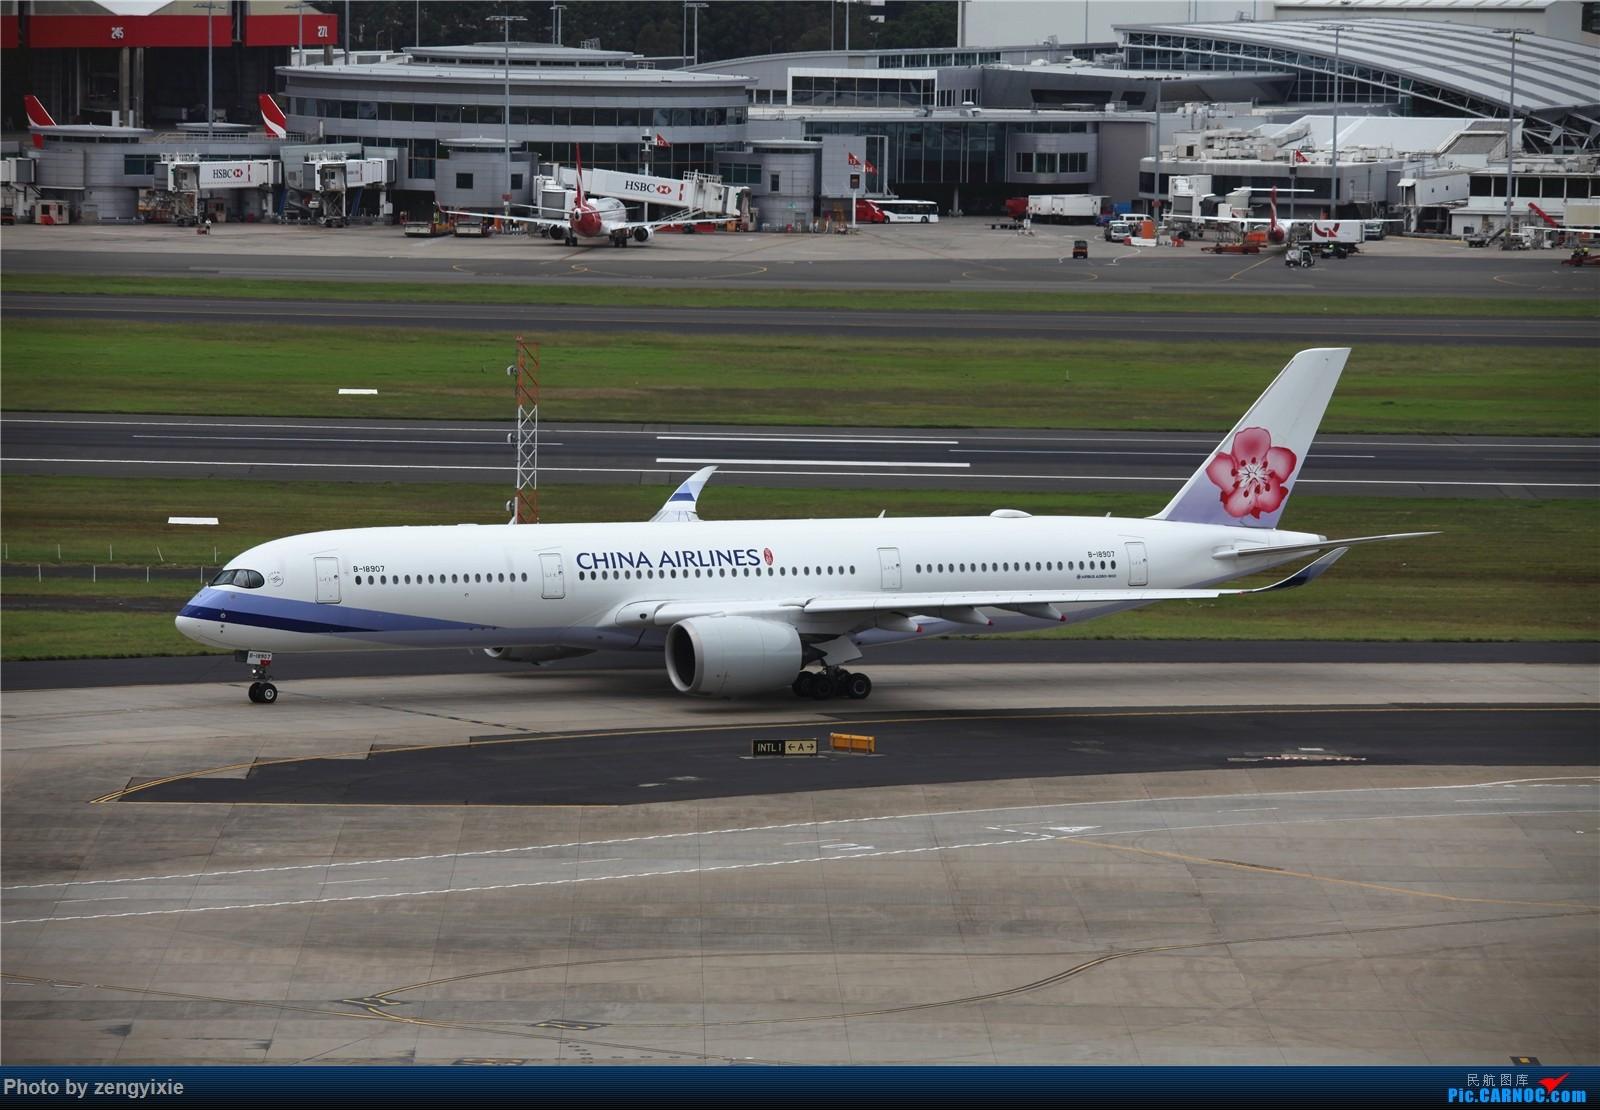 Re:[原创]清晨的悉尼国际降落狂潮 AIRBUS A350-900 B-18907 澳大利亚悉尼金斯福德·史密斯机场